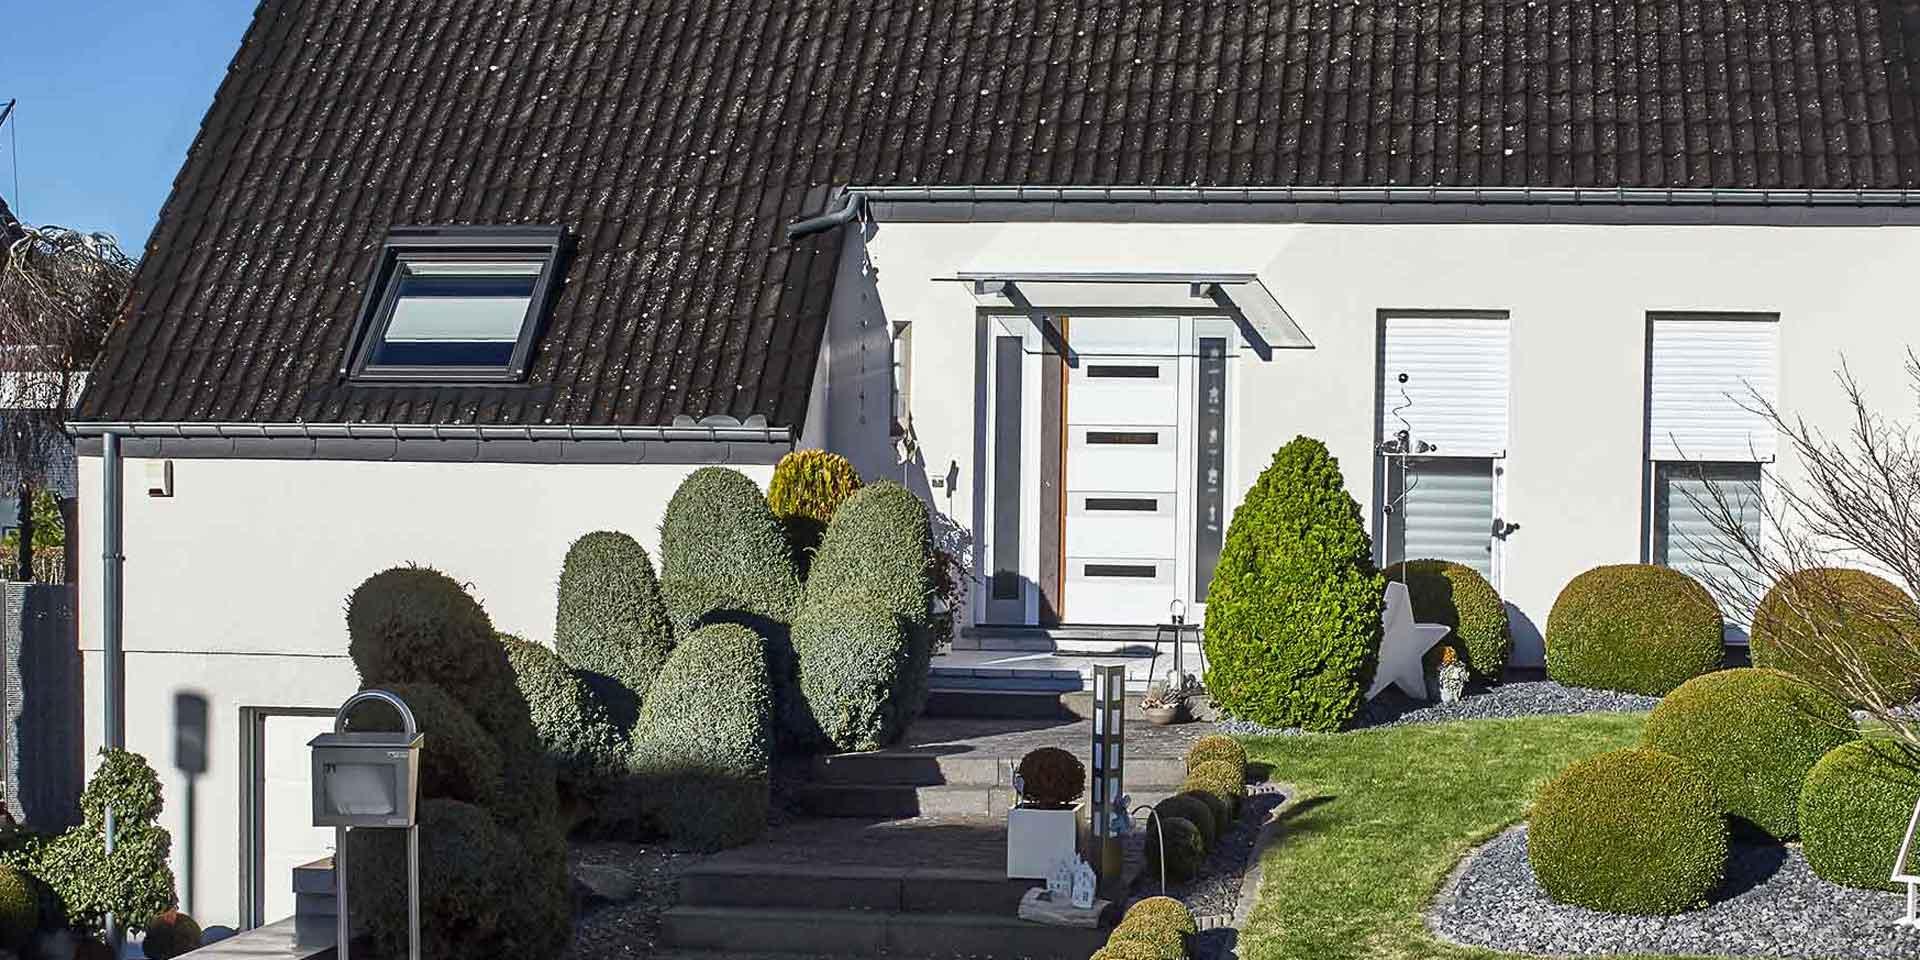 Weißes Einfamilienhaus mit einer weißen Coplaning Haustür und weißen Coplaning Alu Fenster.